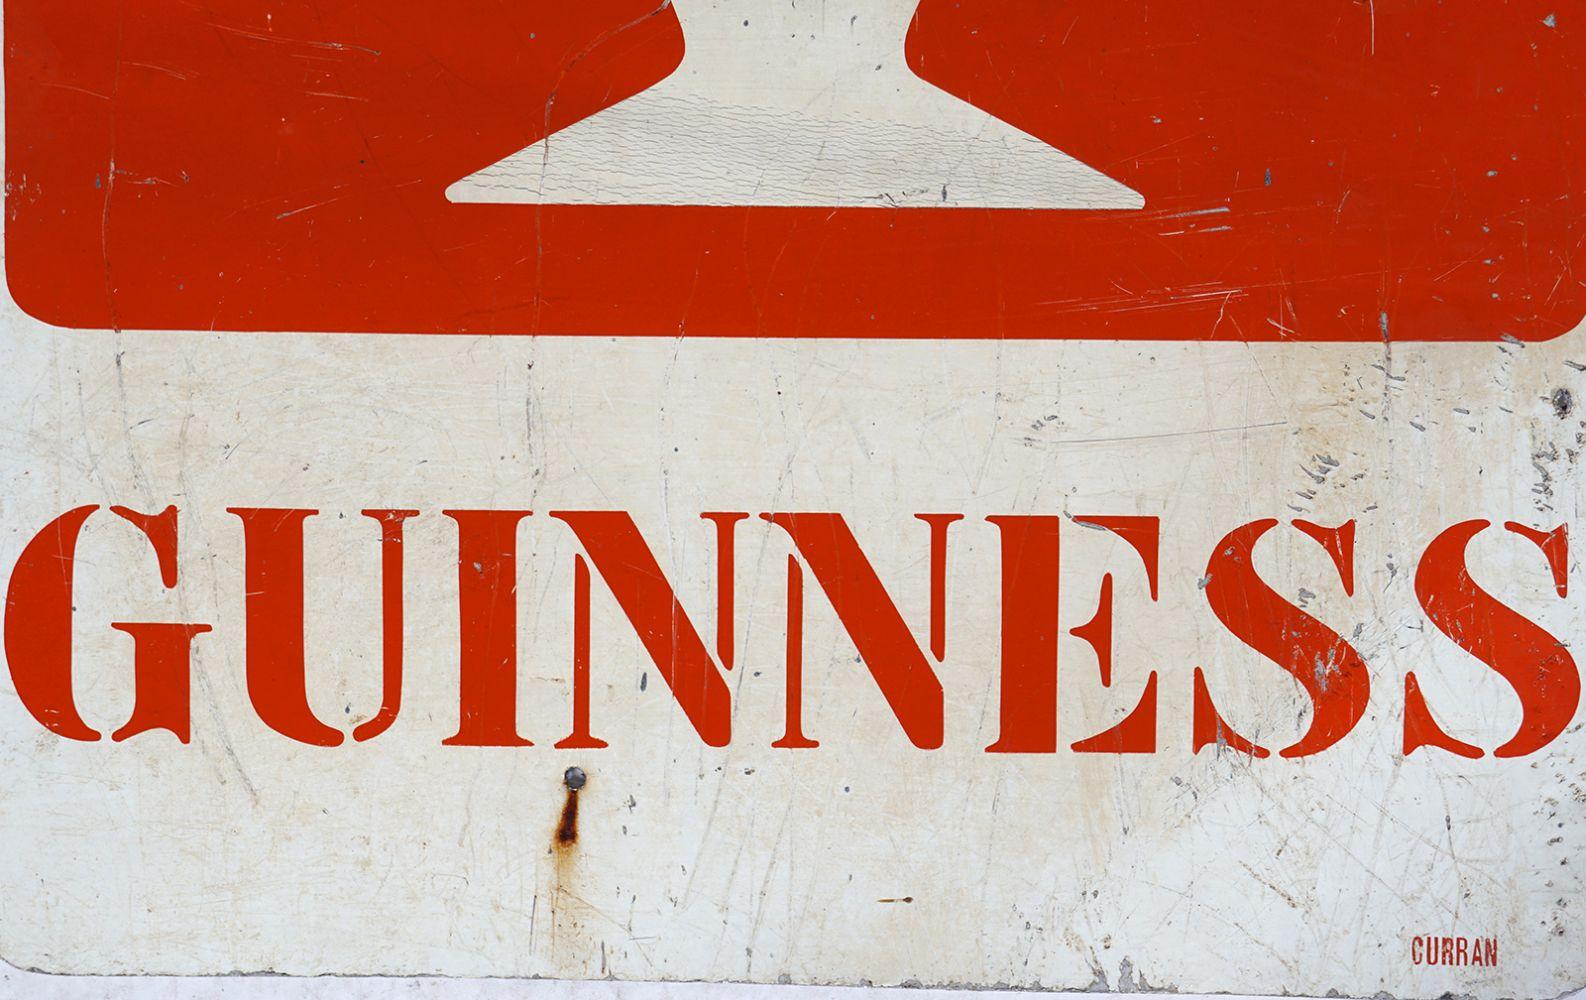 GUINNESS ORIGINAL VINTAGE POSTER - Image 2 of 5